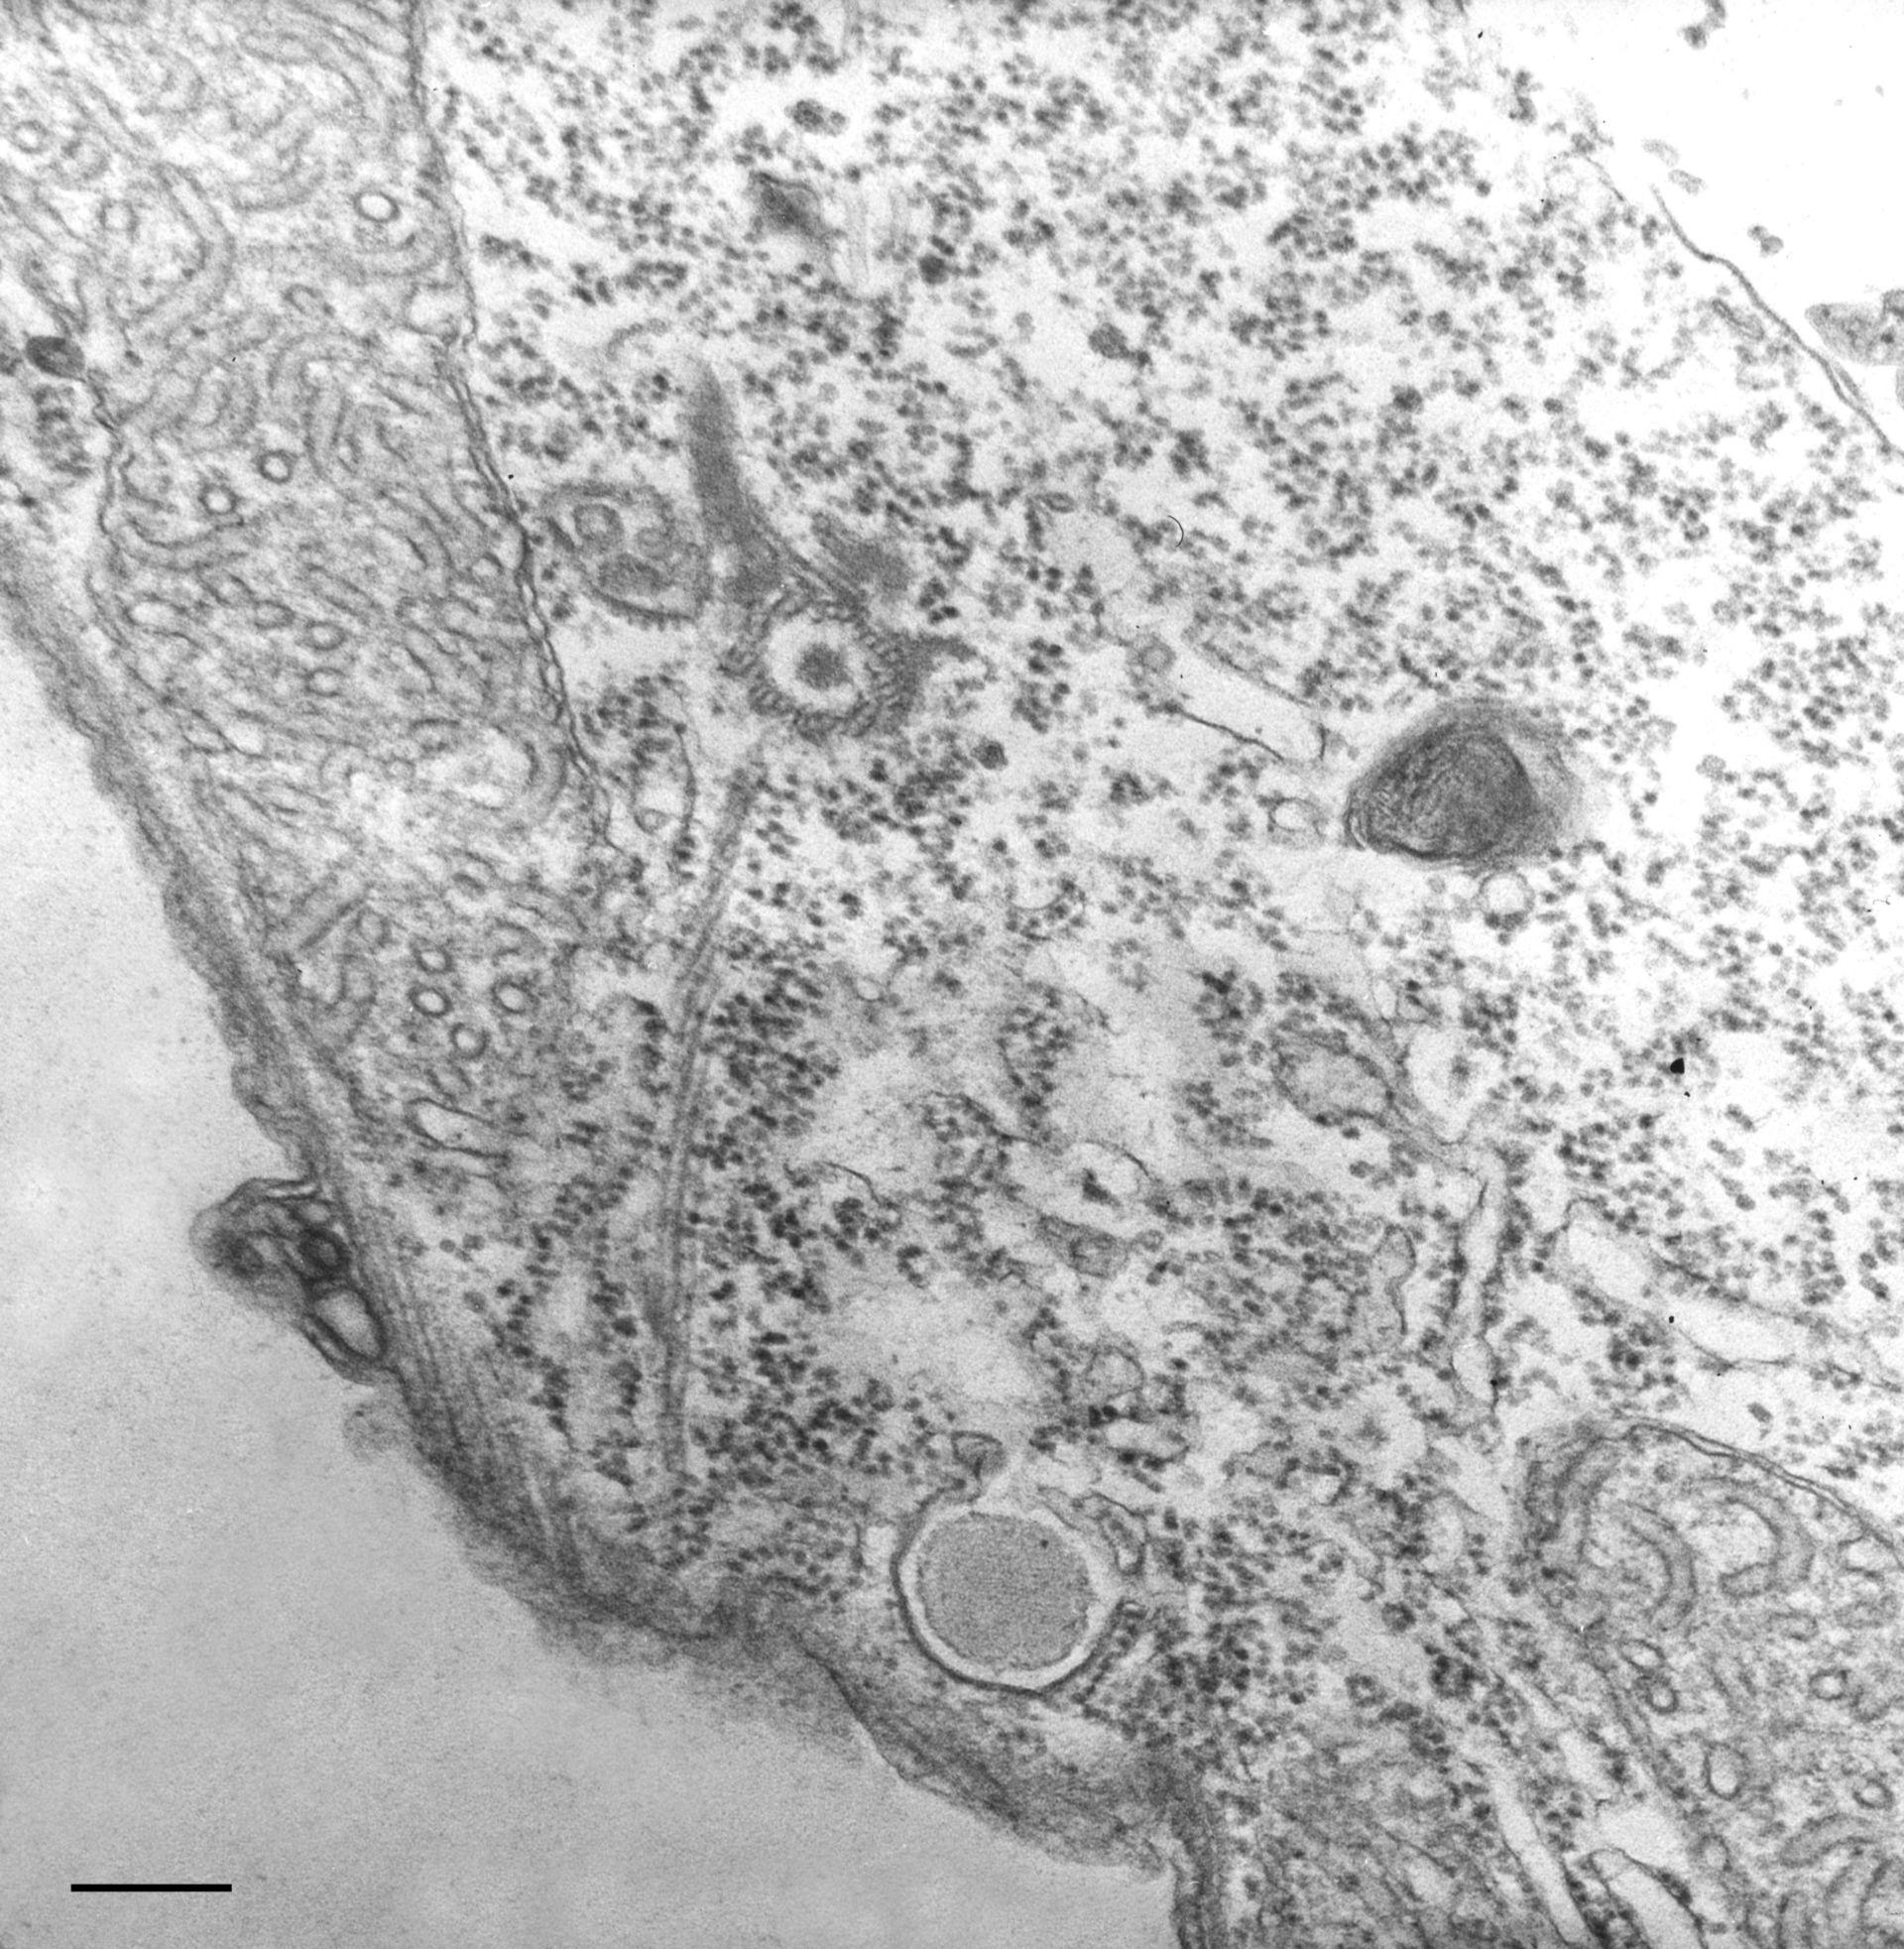 Tetrahymena pyriformis (pellicola) - CIL:36216